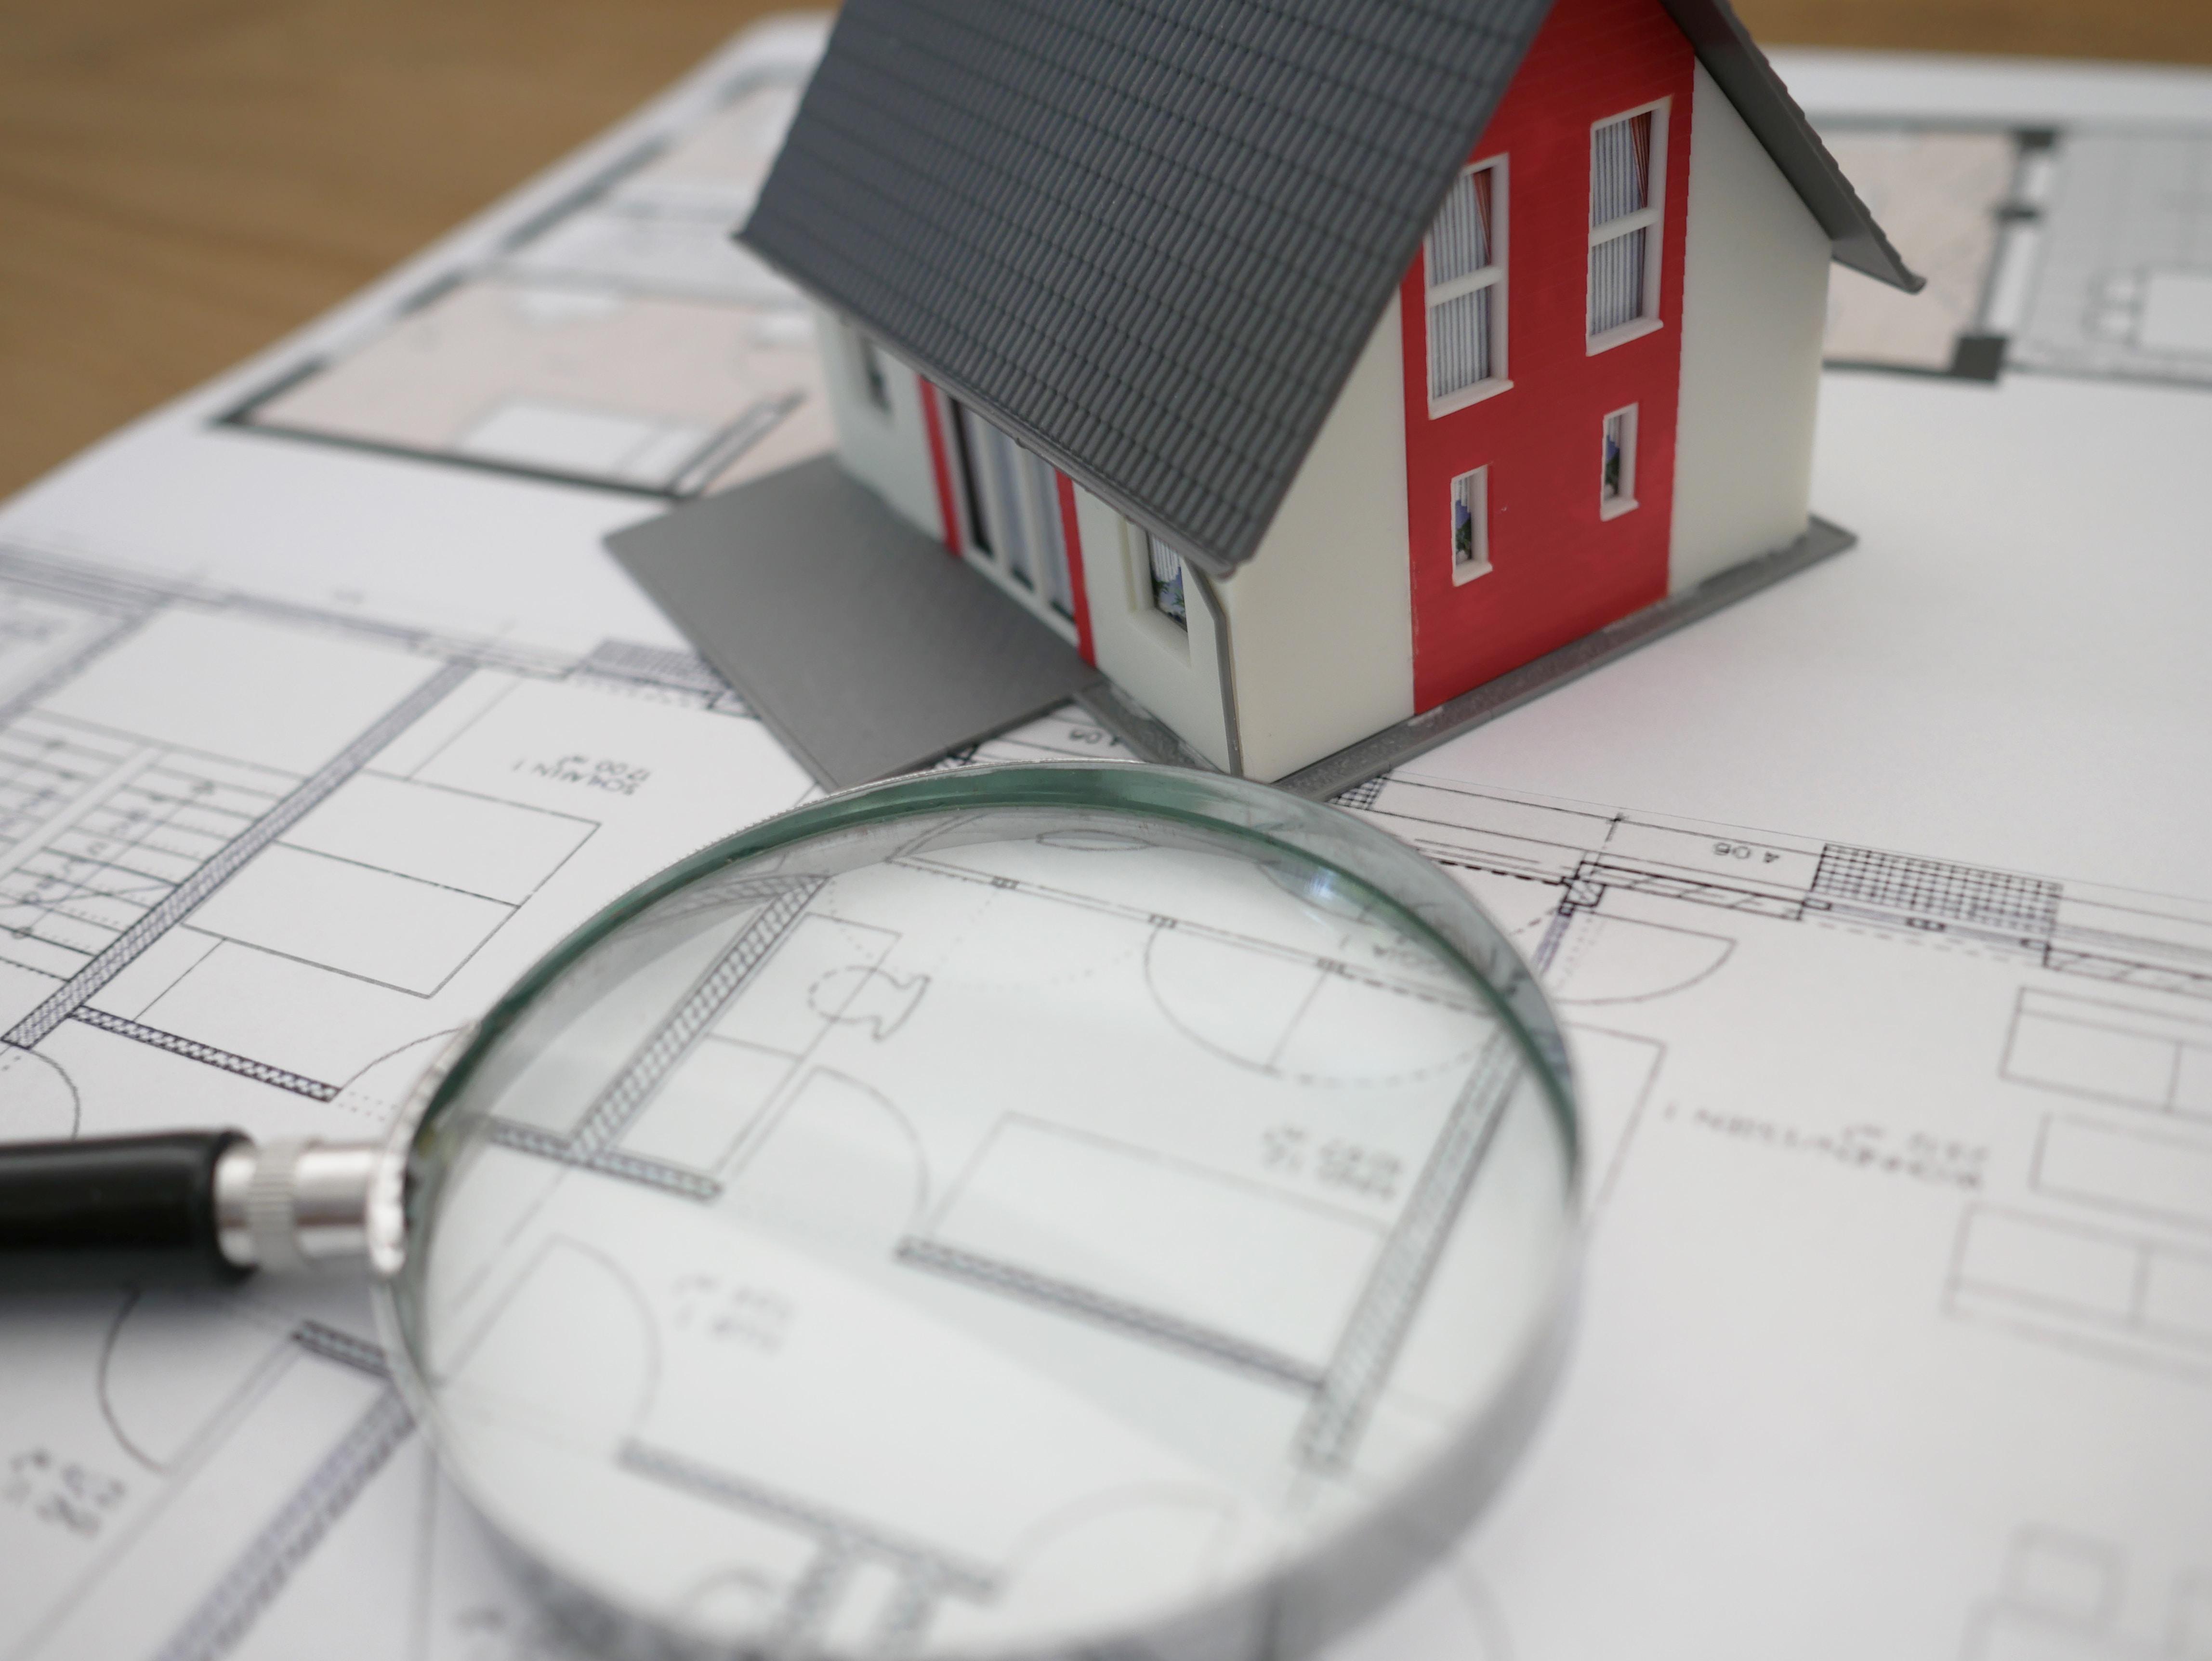 Ile kosztuje projekt?